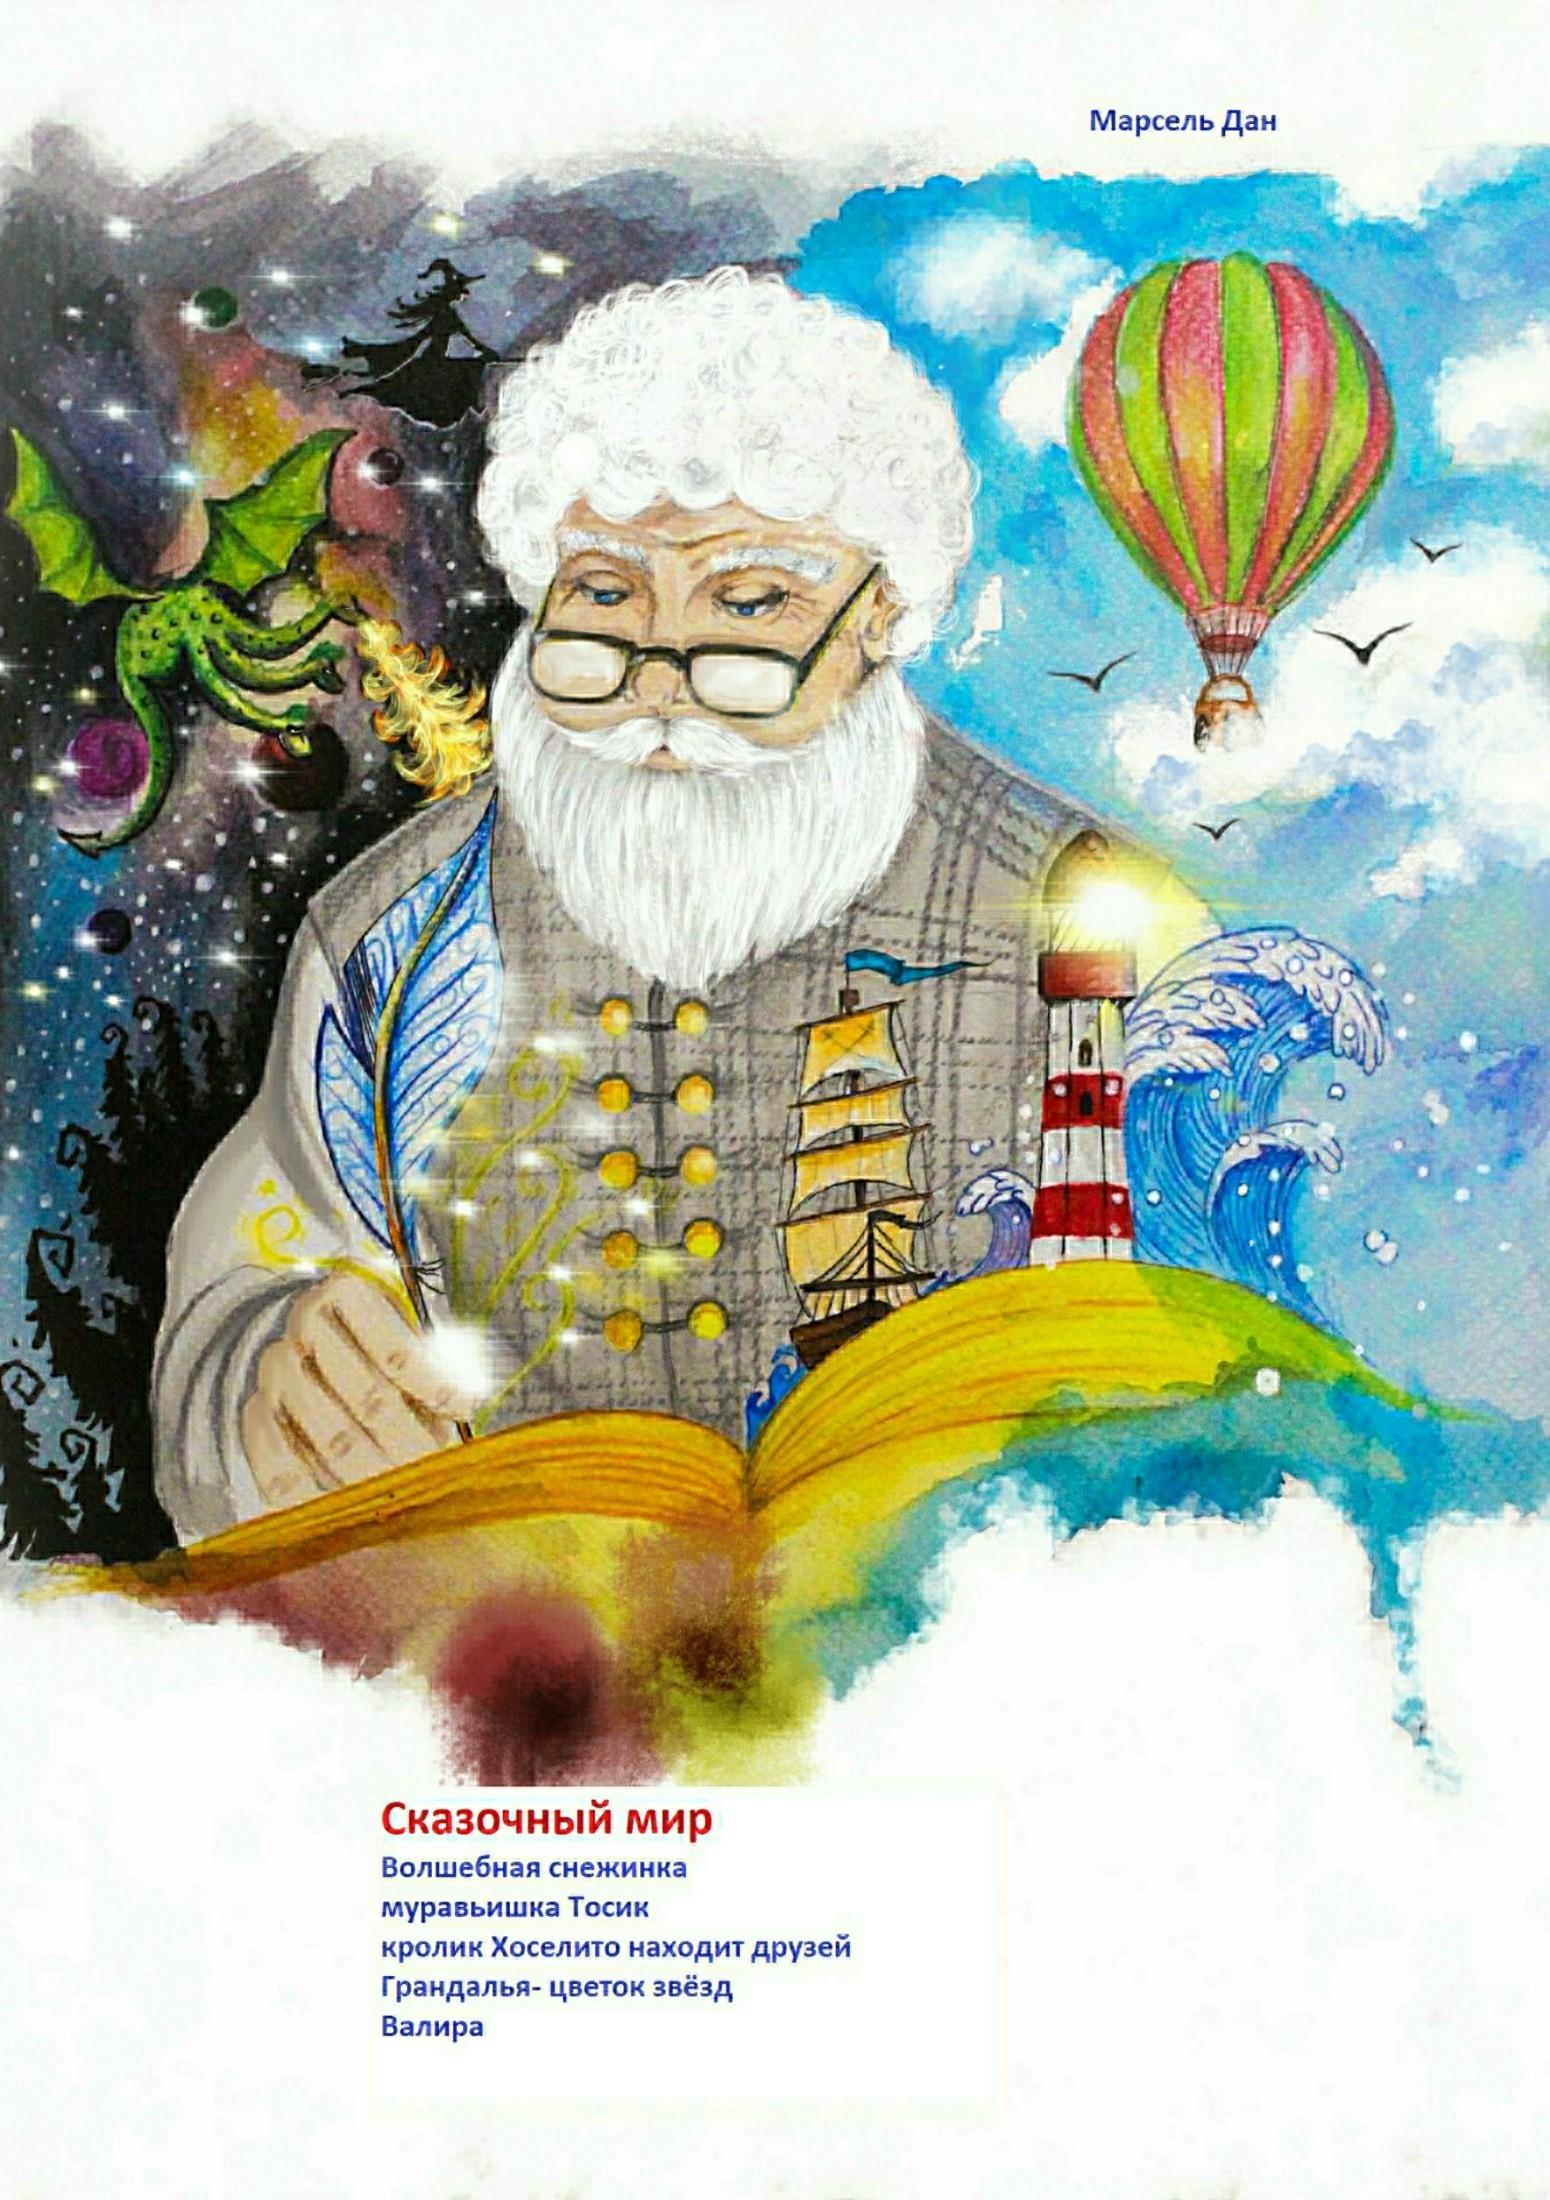 Марсель Дан Сказочный мир. Испанские сказки волшебная снежинка